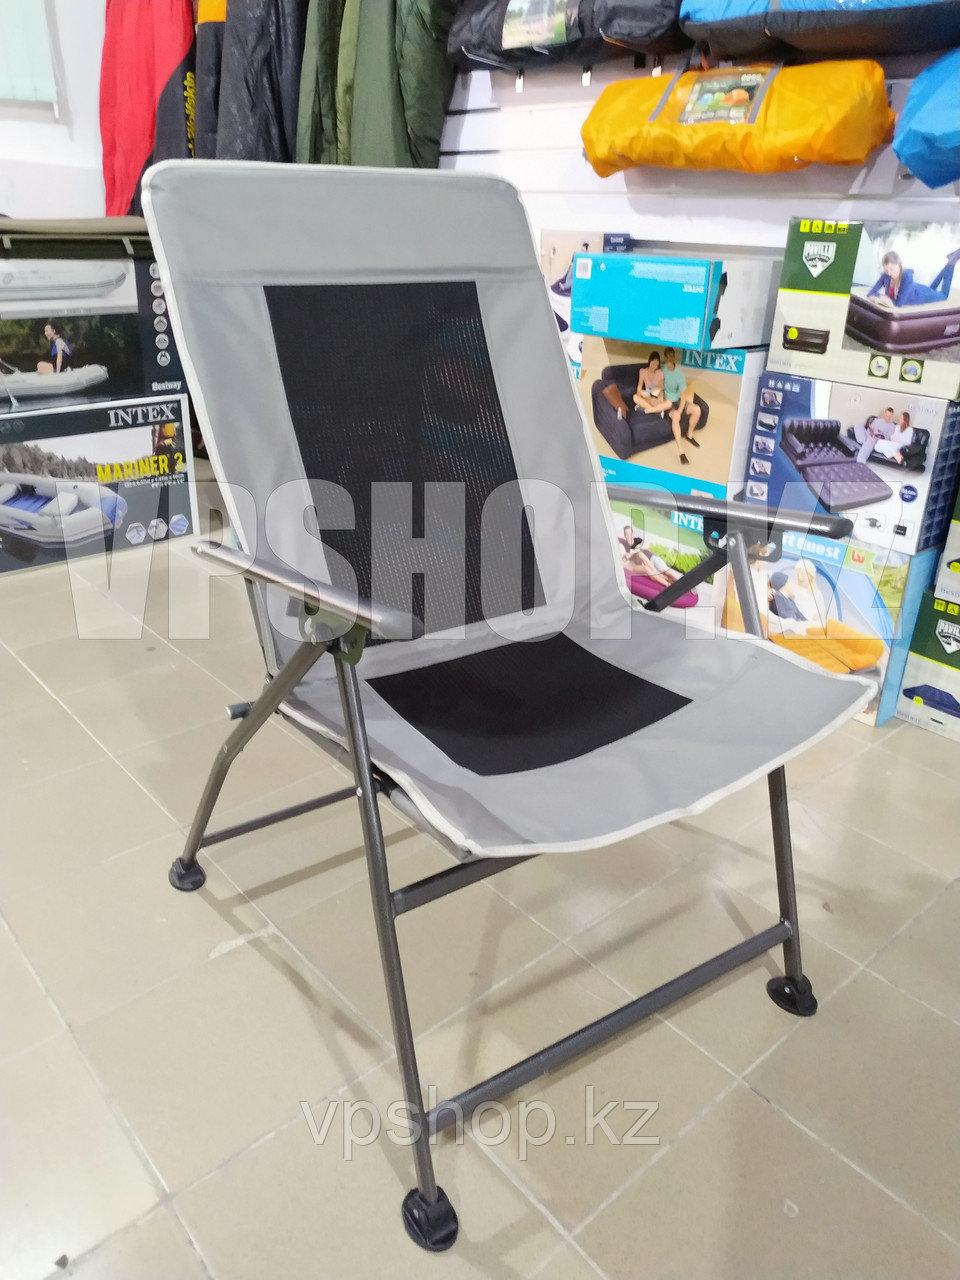 Усиленный складной стул туристический с регулировкой спины, для рыбалки для похода для охоты, доставка